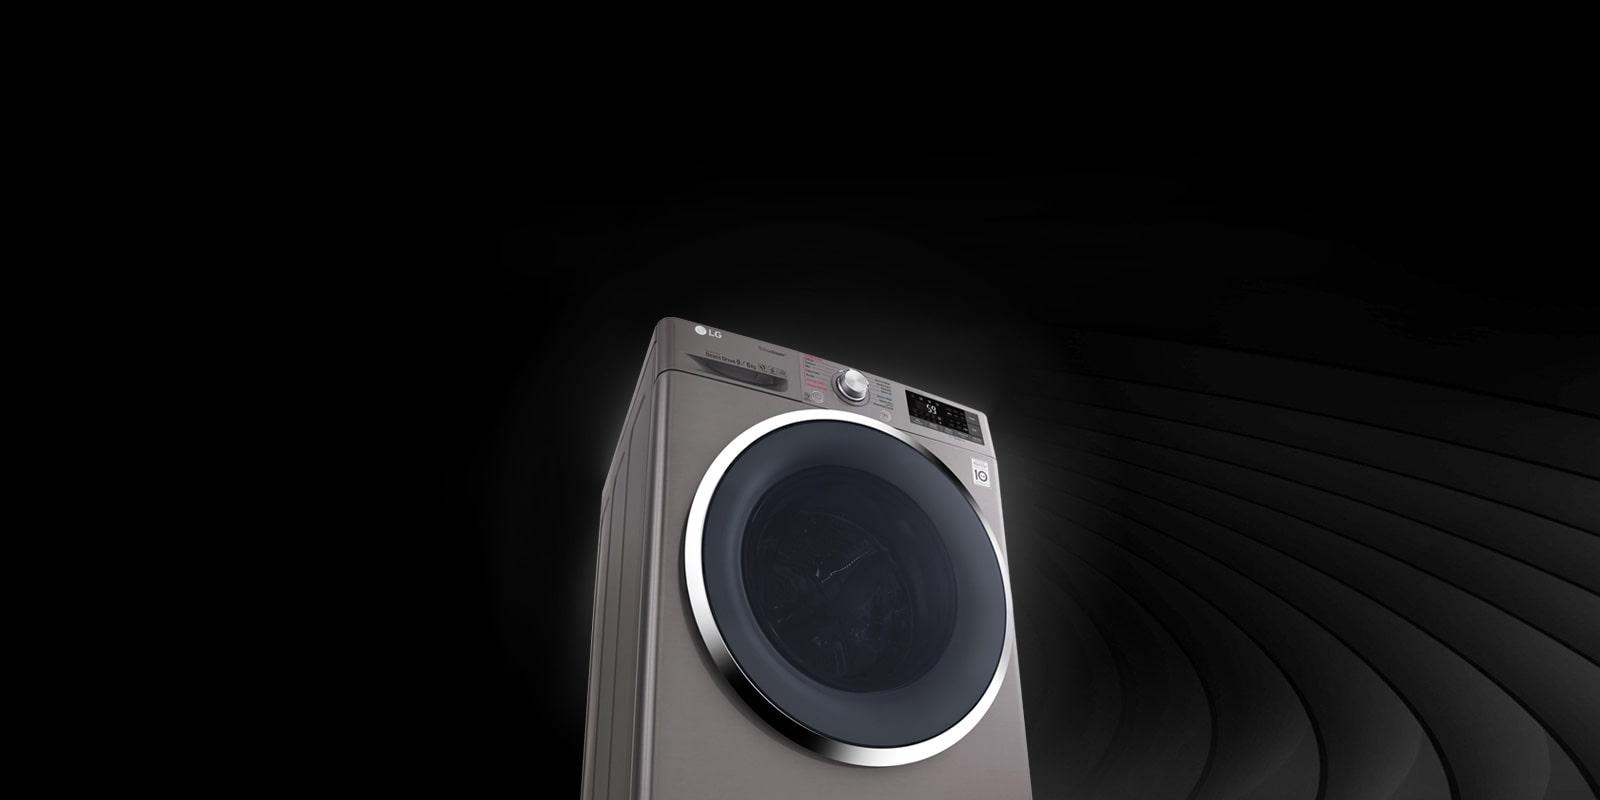 Waschtrockner & Waschmaschinen-Trockner-Kombi   LG Deutschland